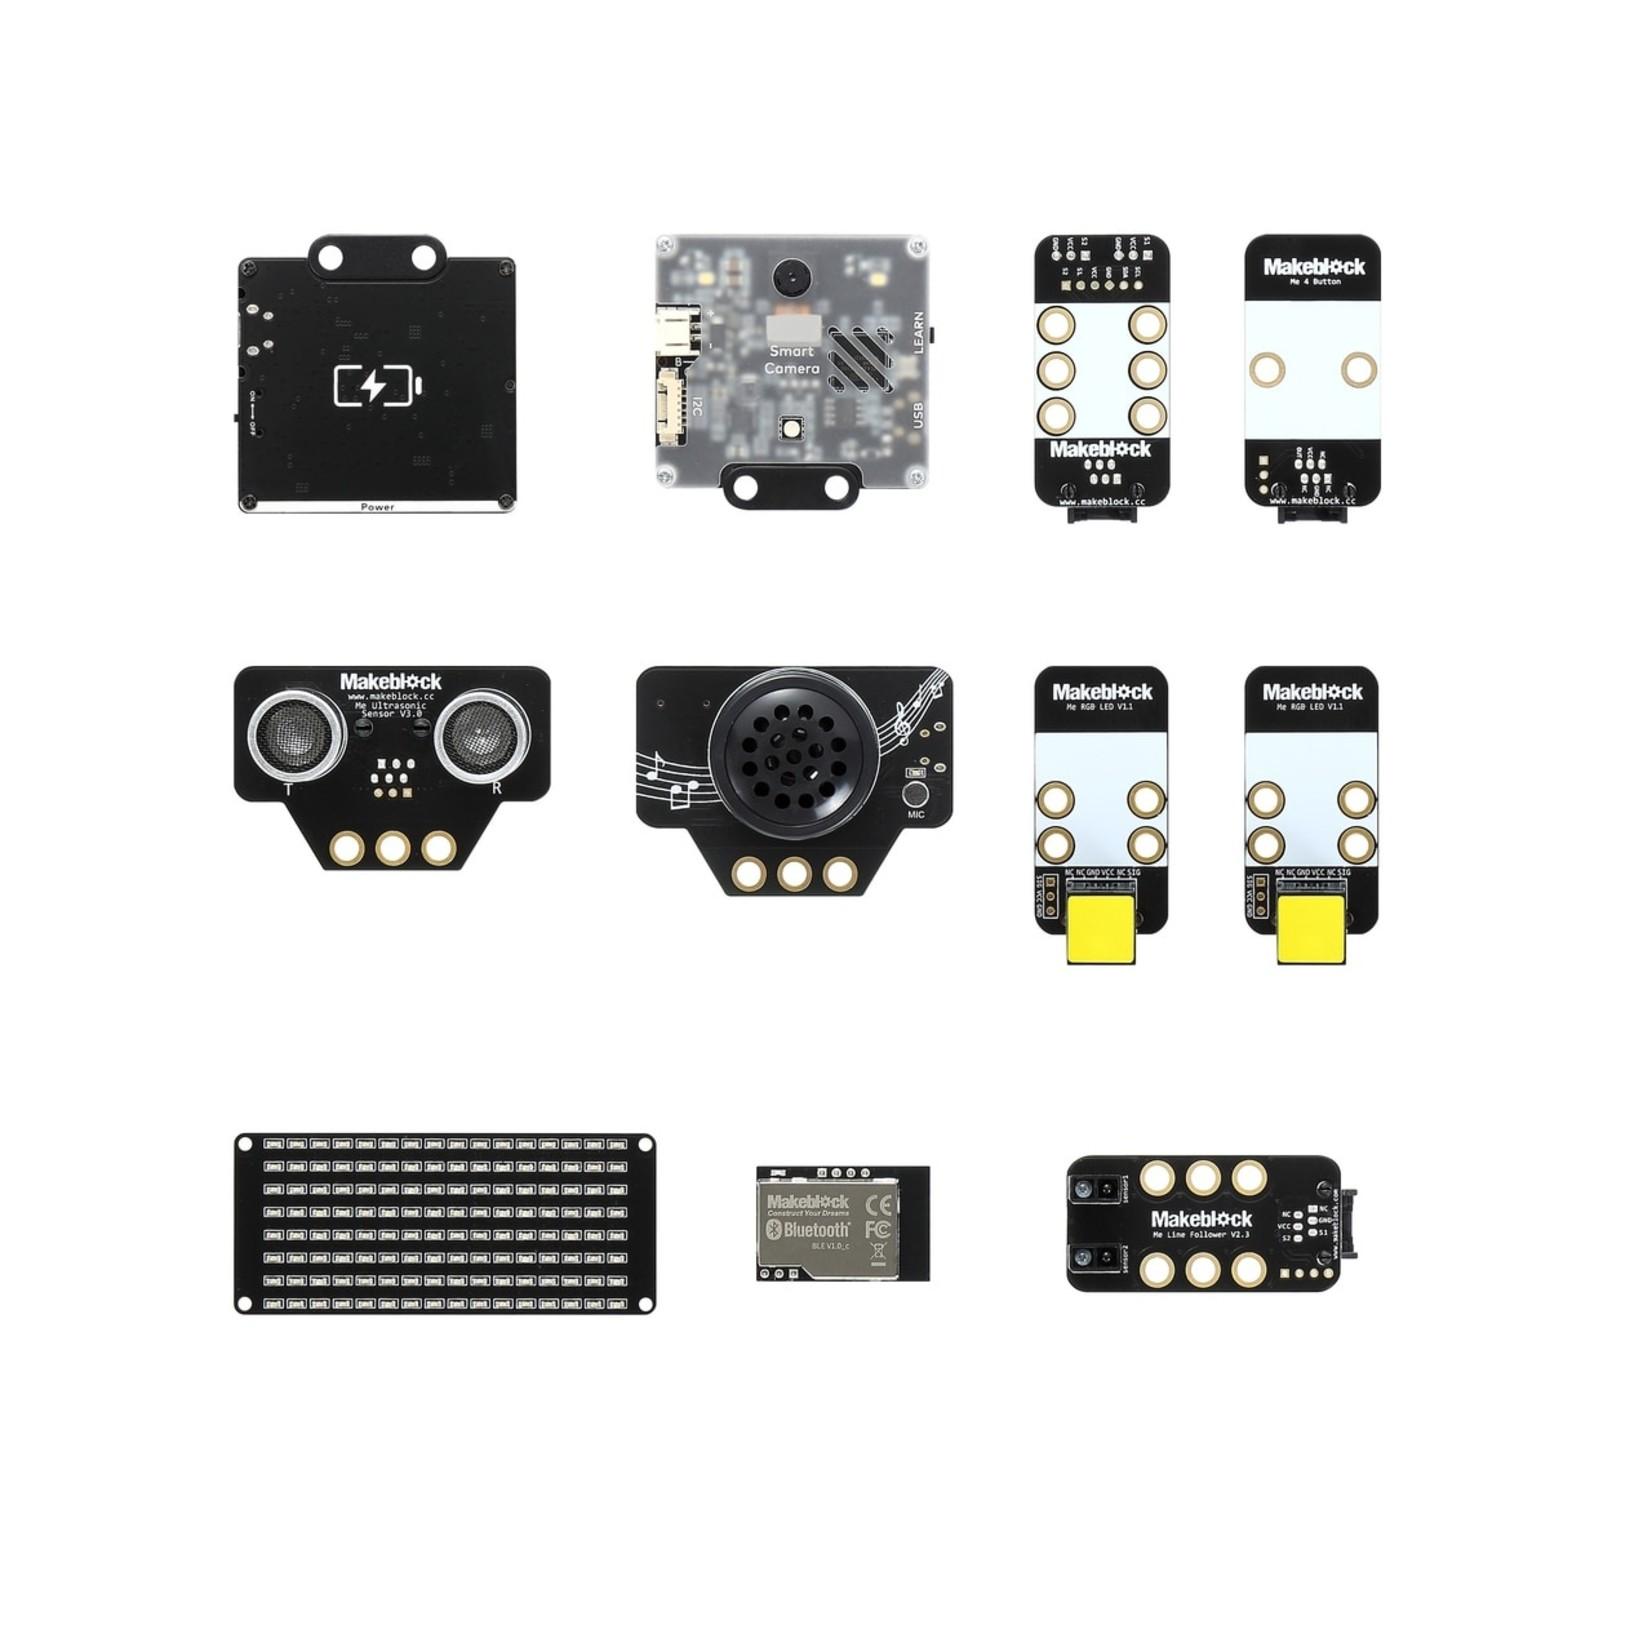 makeblock AI & IoT Robot Education Kit